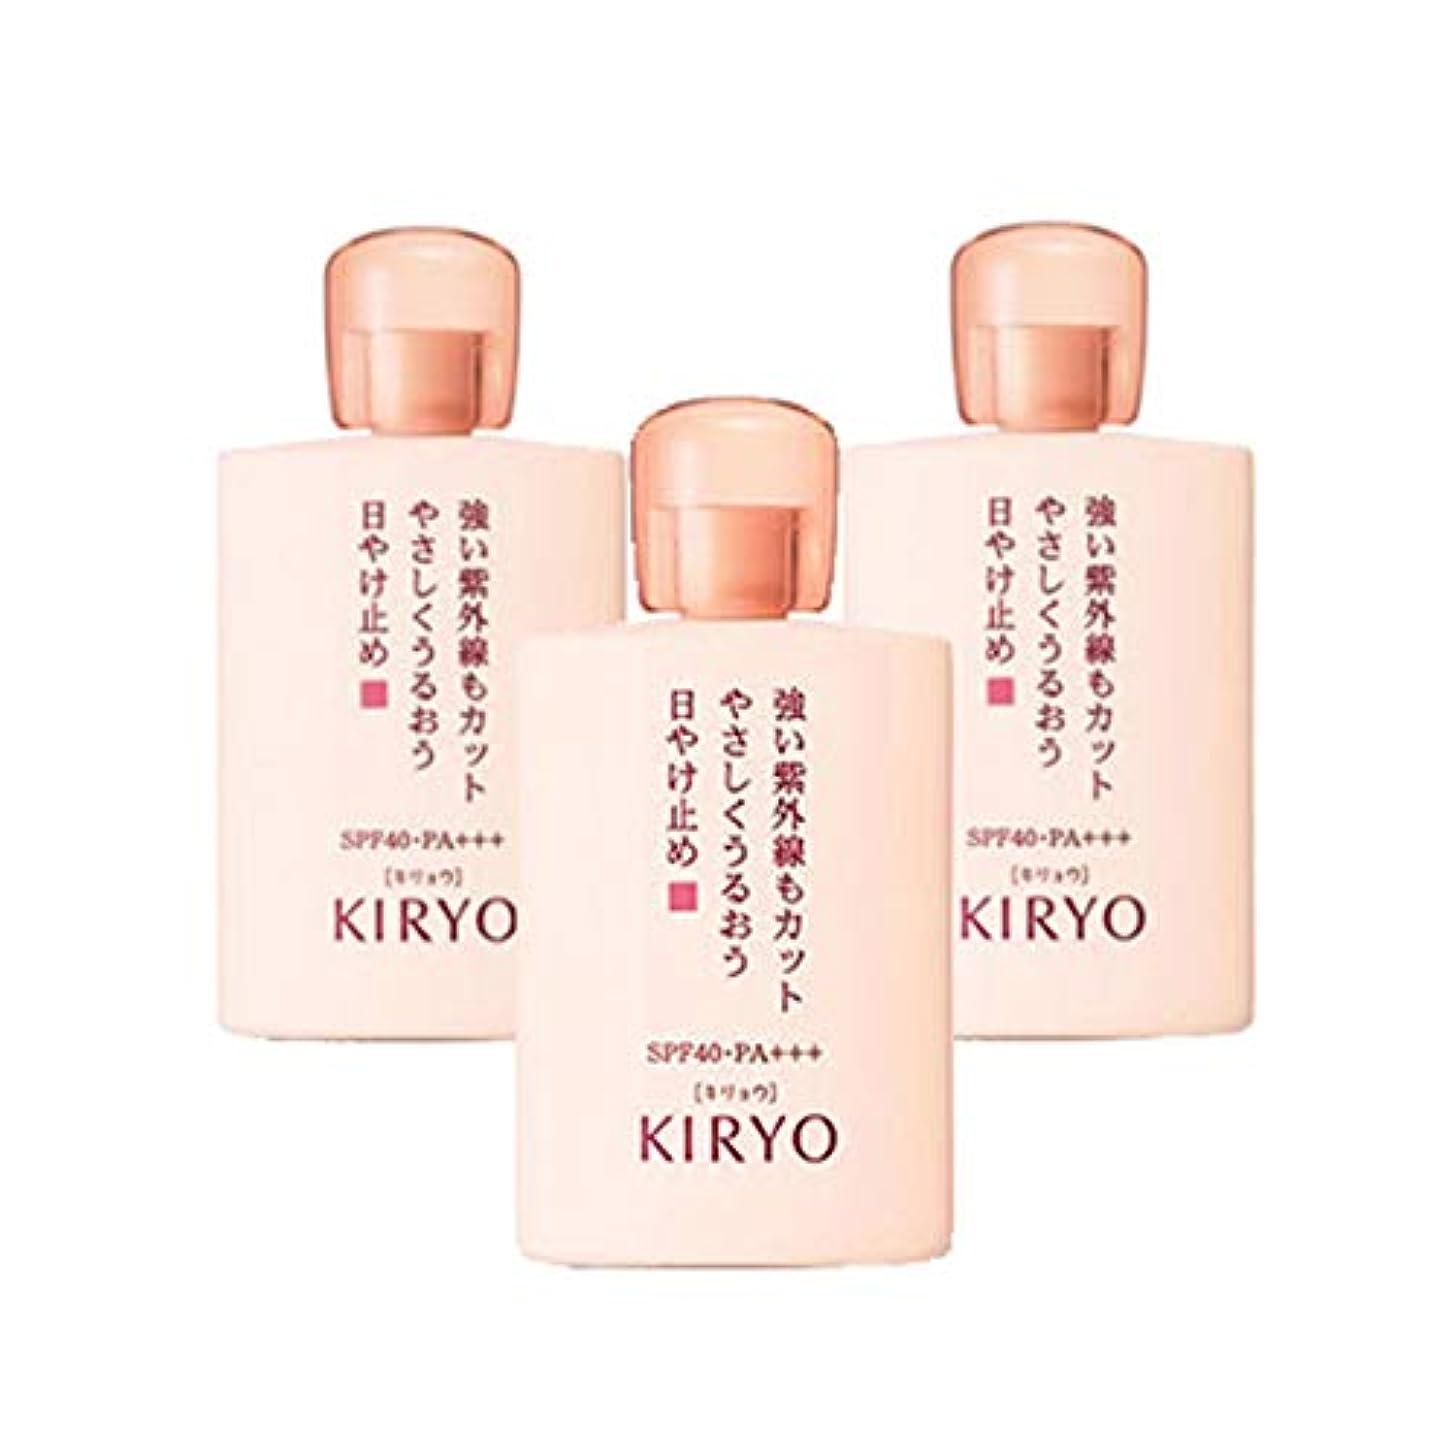 【資生堂】KIRYO キリョウ サンブロック UV SPF40 PA+++ 50mL× 3個セット【International shipping available】